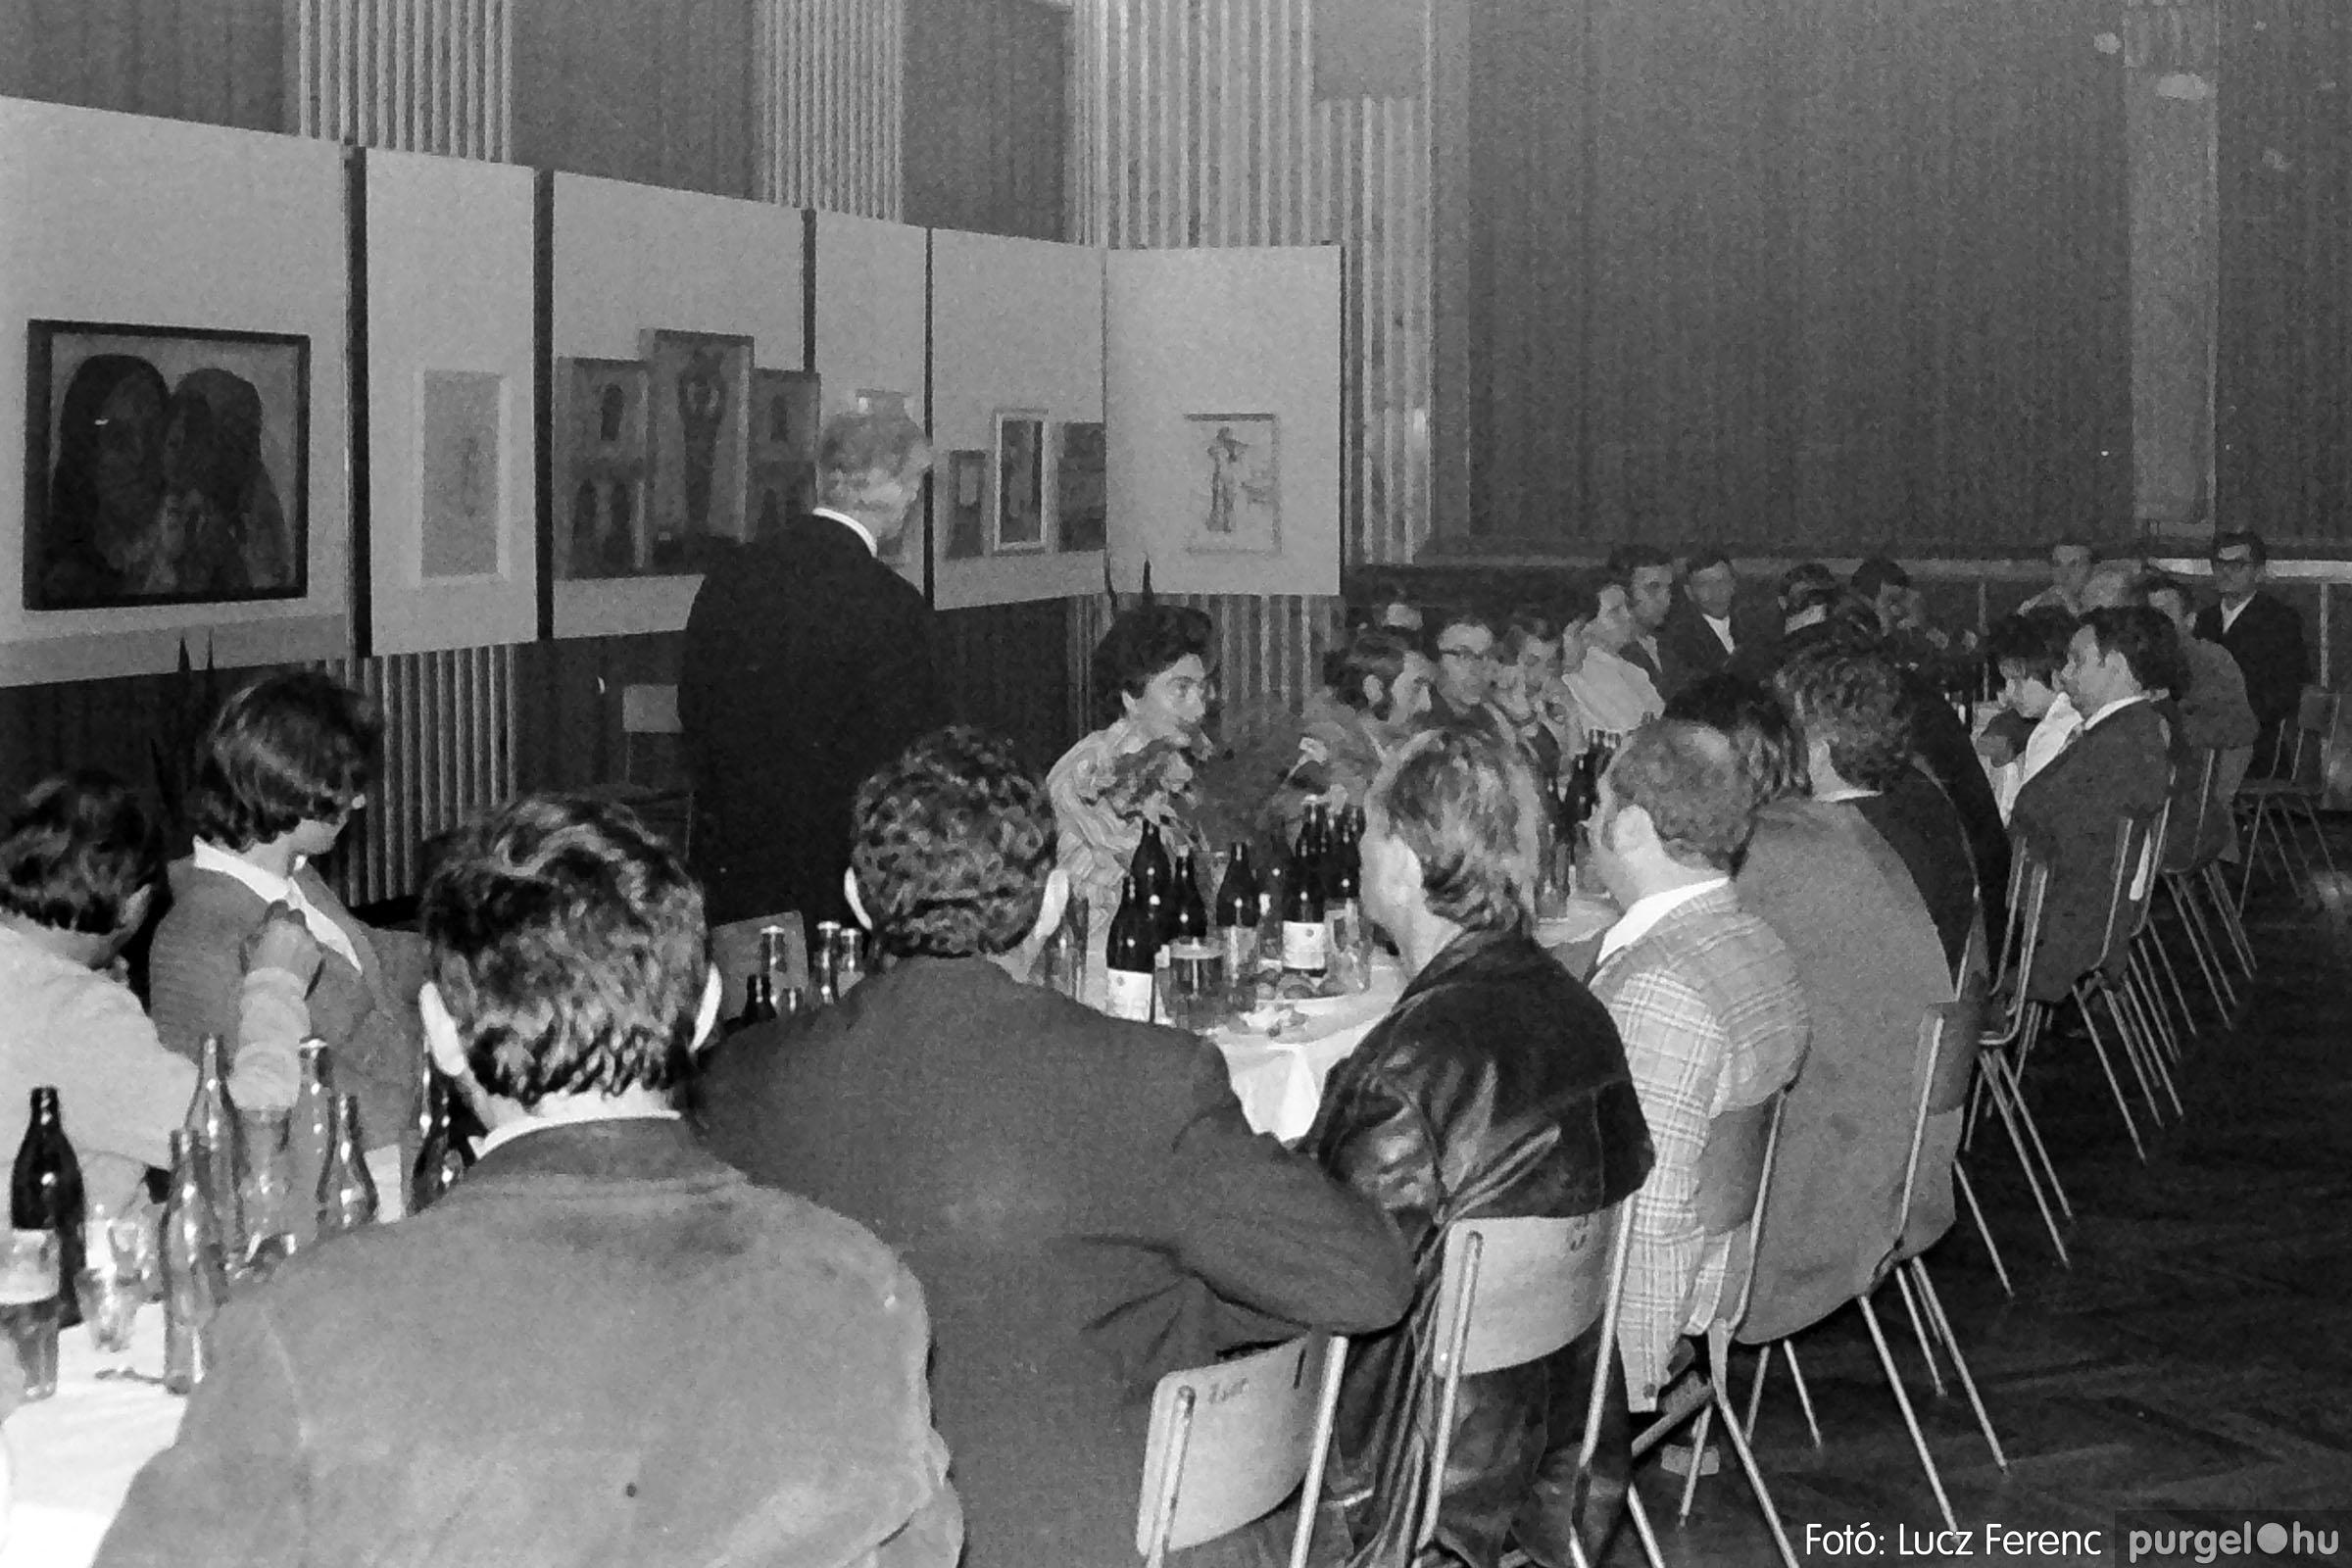 024 1975.10. Németh József és Szalay Ferenc festőművészek kiállítása 006 - Fotó: Lucz Ferenc IMG00206q.jpg